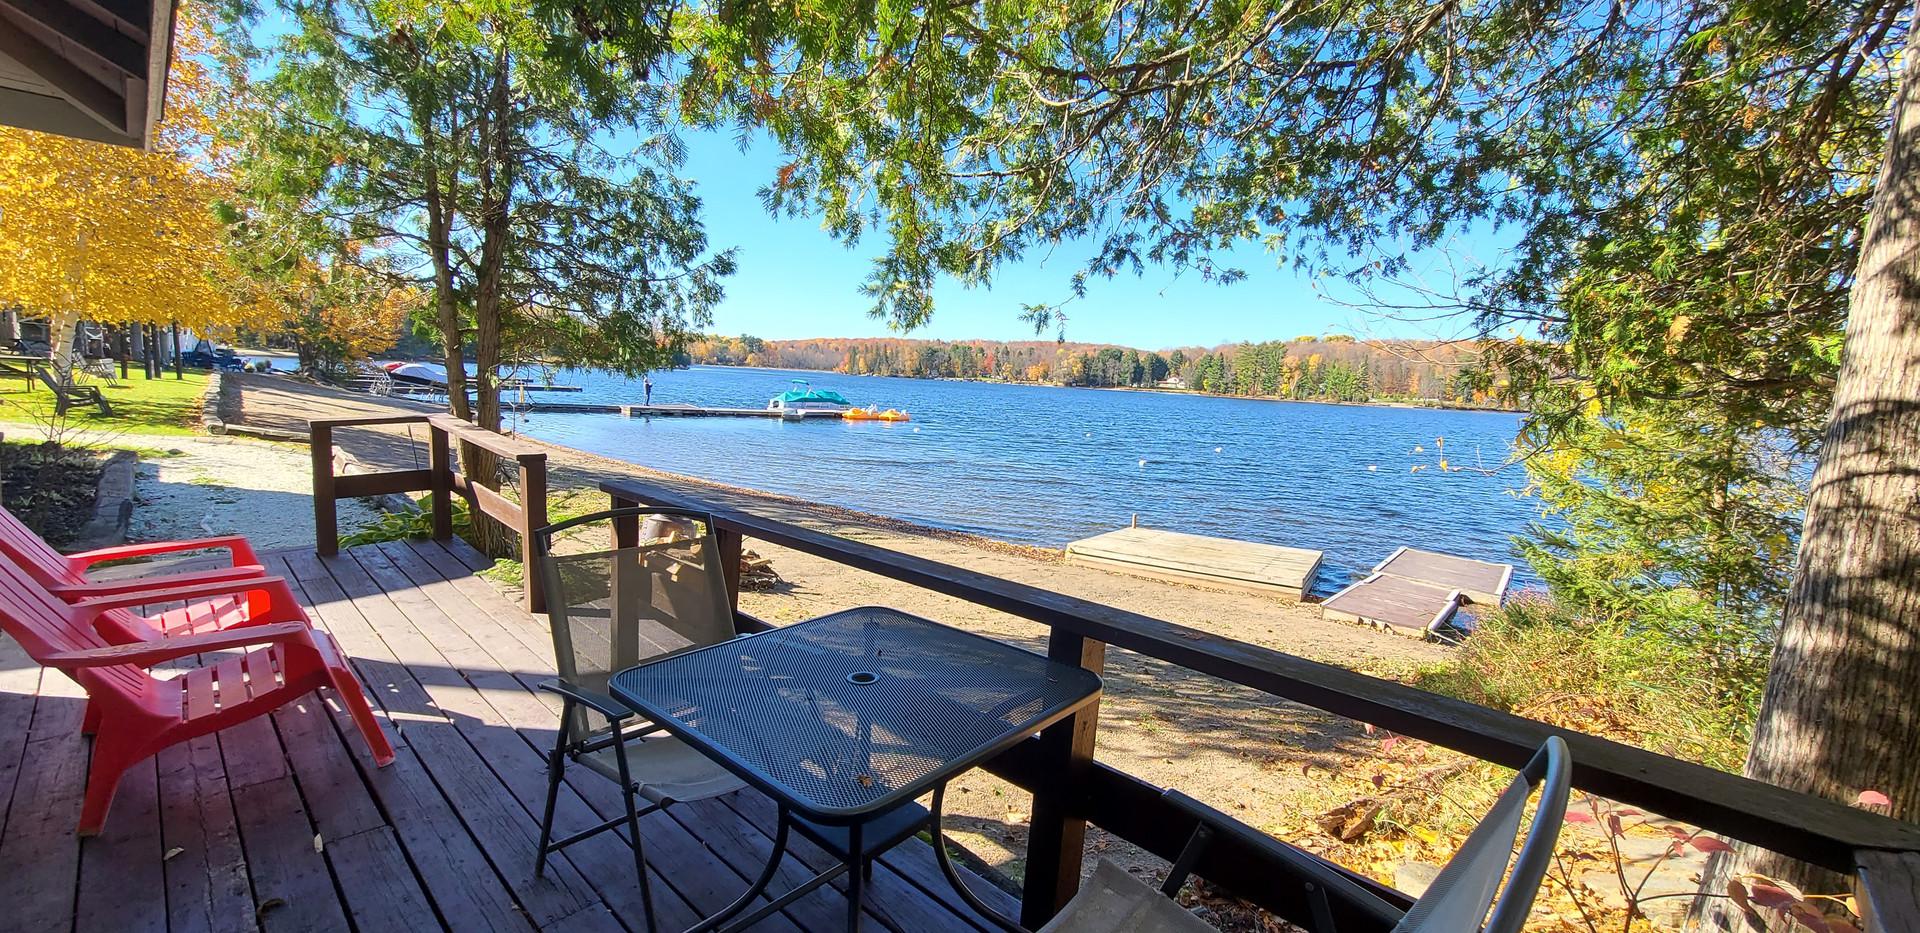 Lakeside Bonnie View Inn